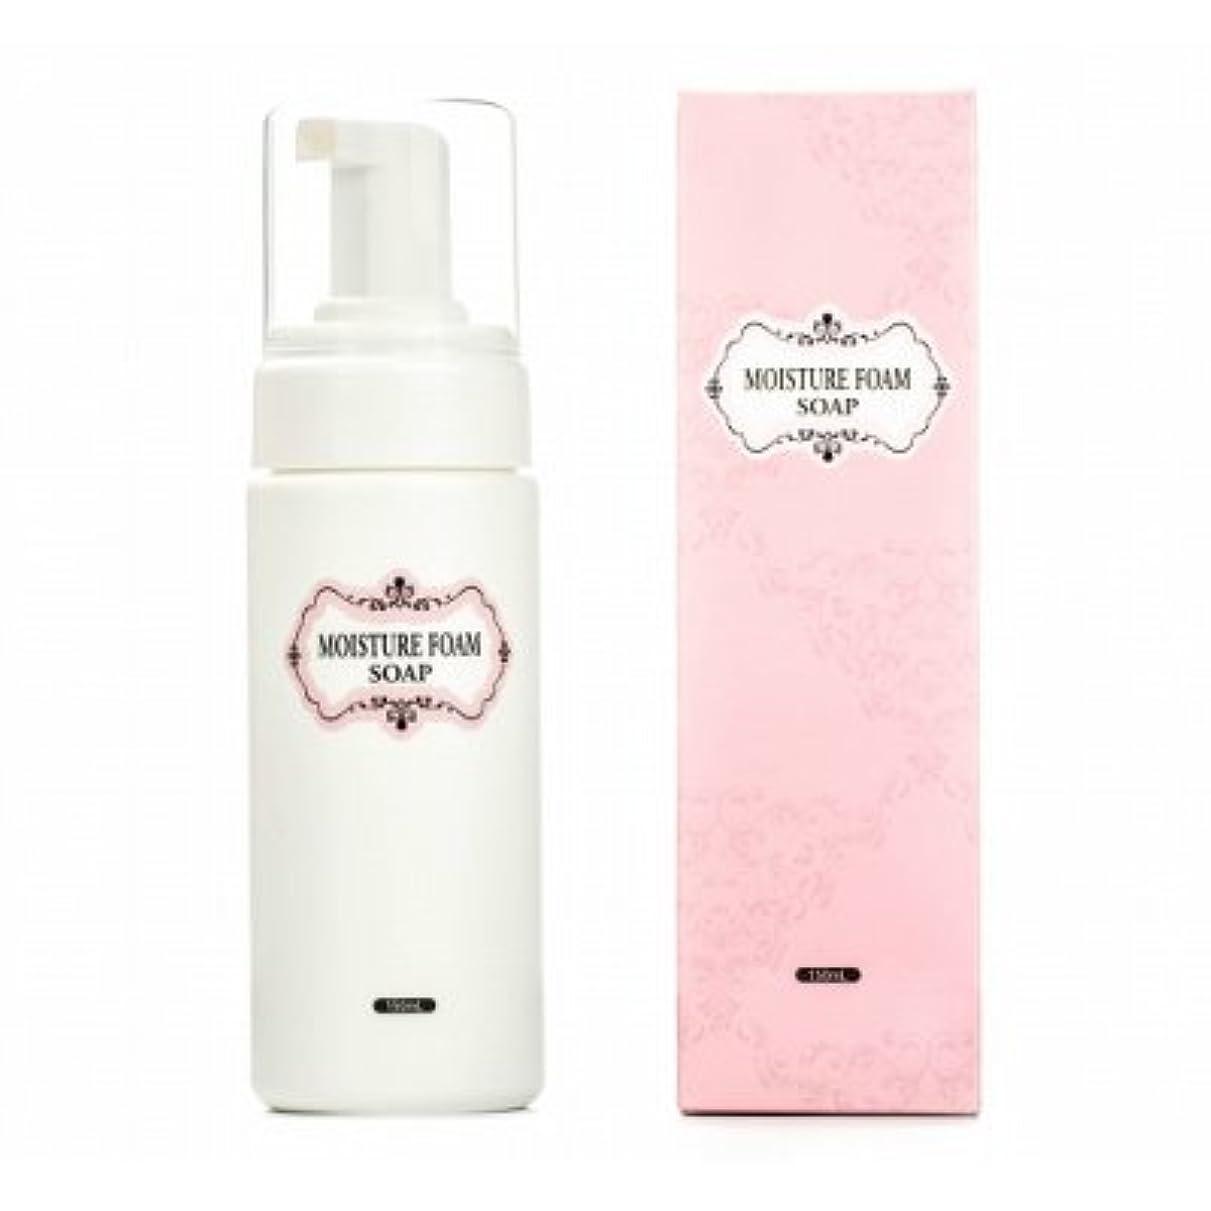 防腐剤外国人肥沃なMOISTURE FOAM SOAP(モイスチャーフォームソープ) 150ml